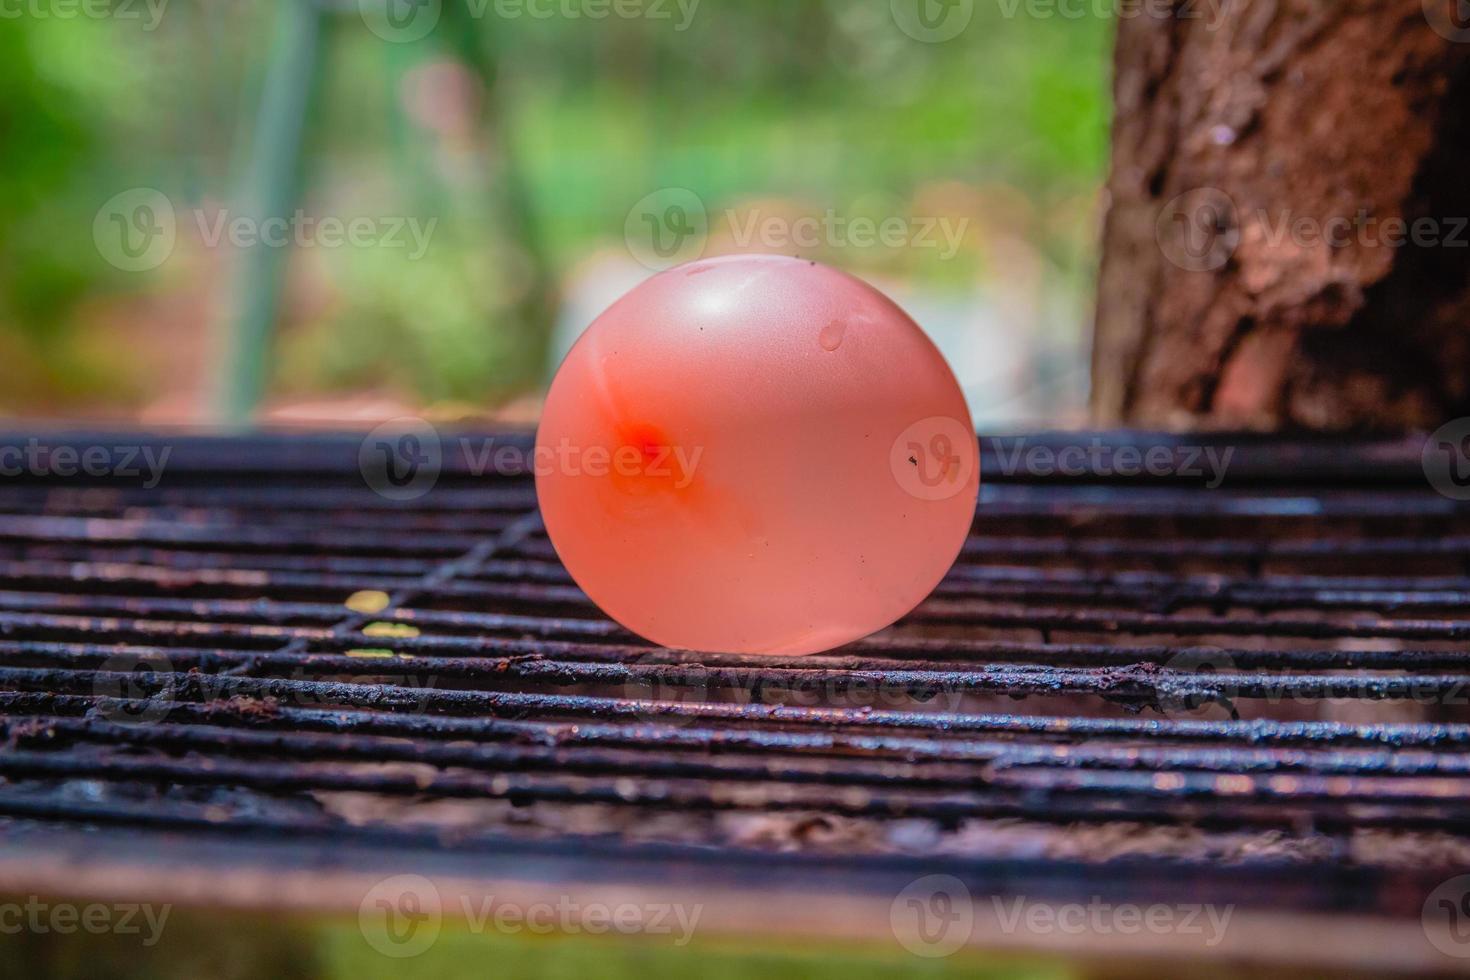 ballon rempli d'eau placé sur un gril chaud photo